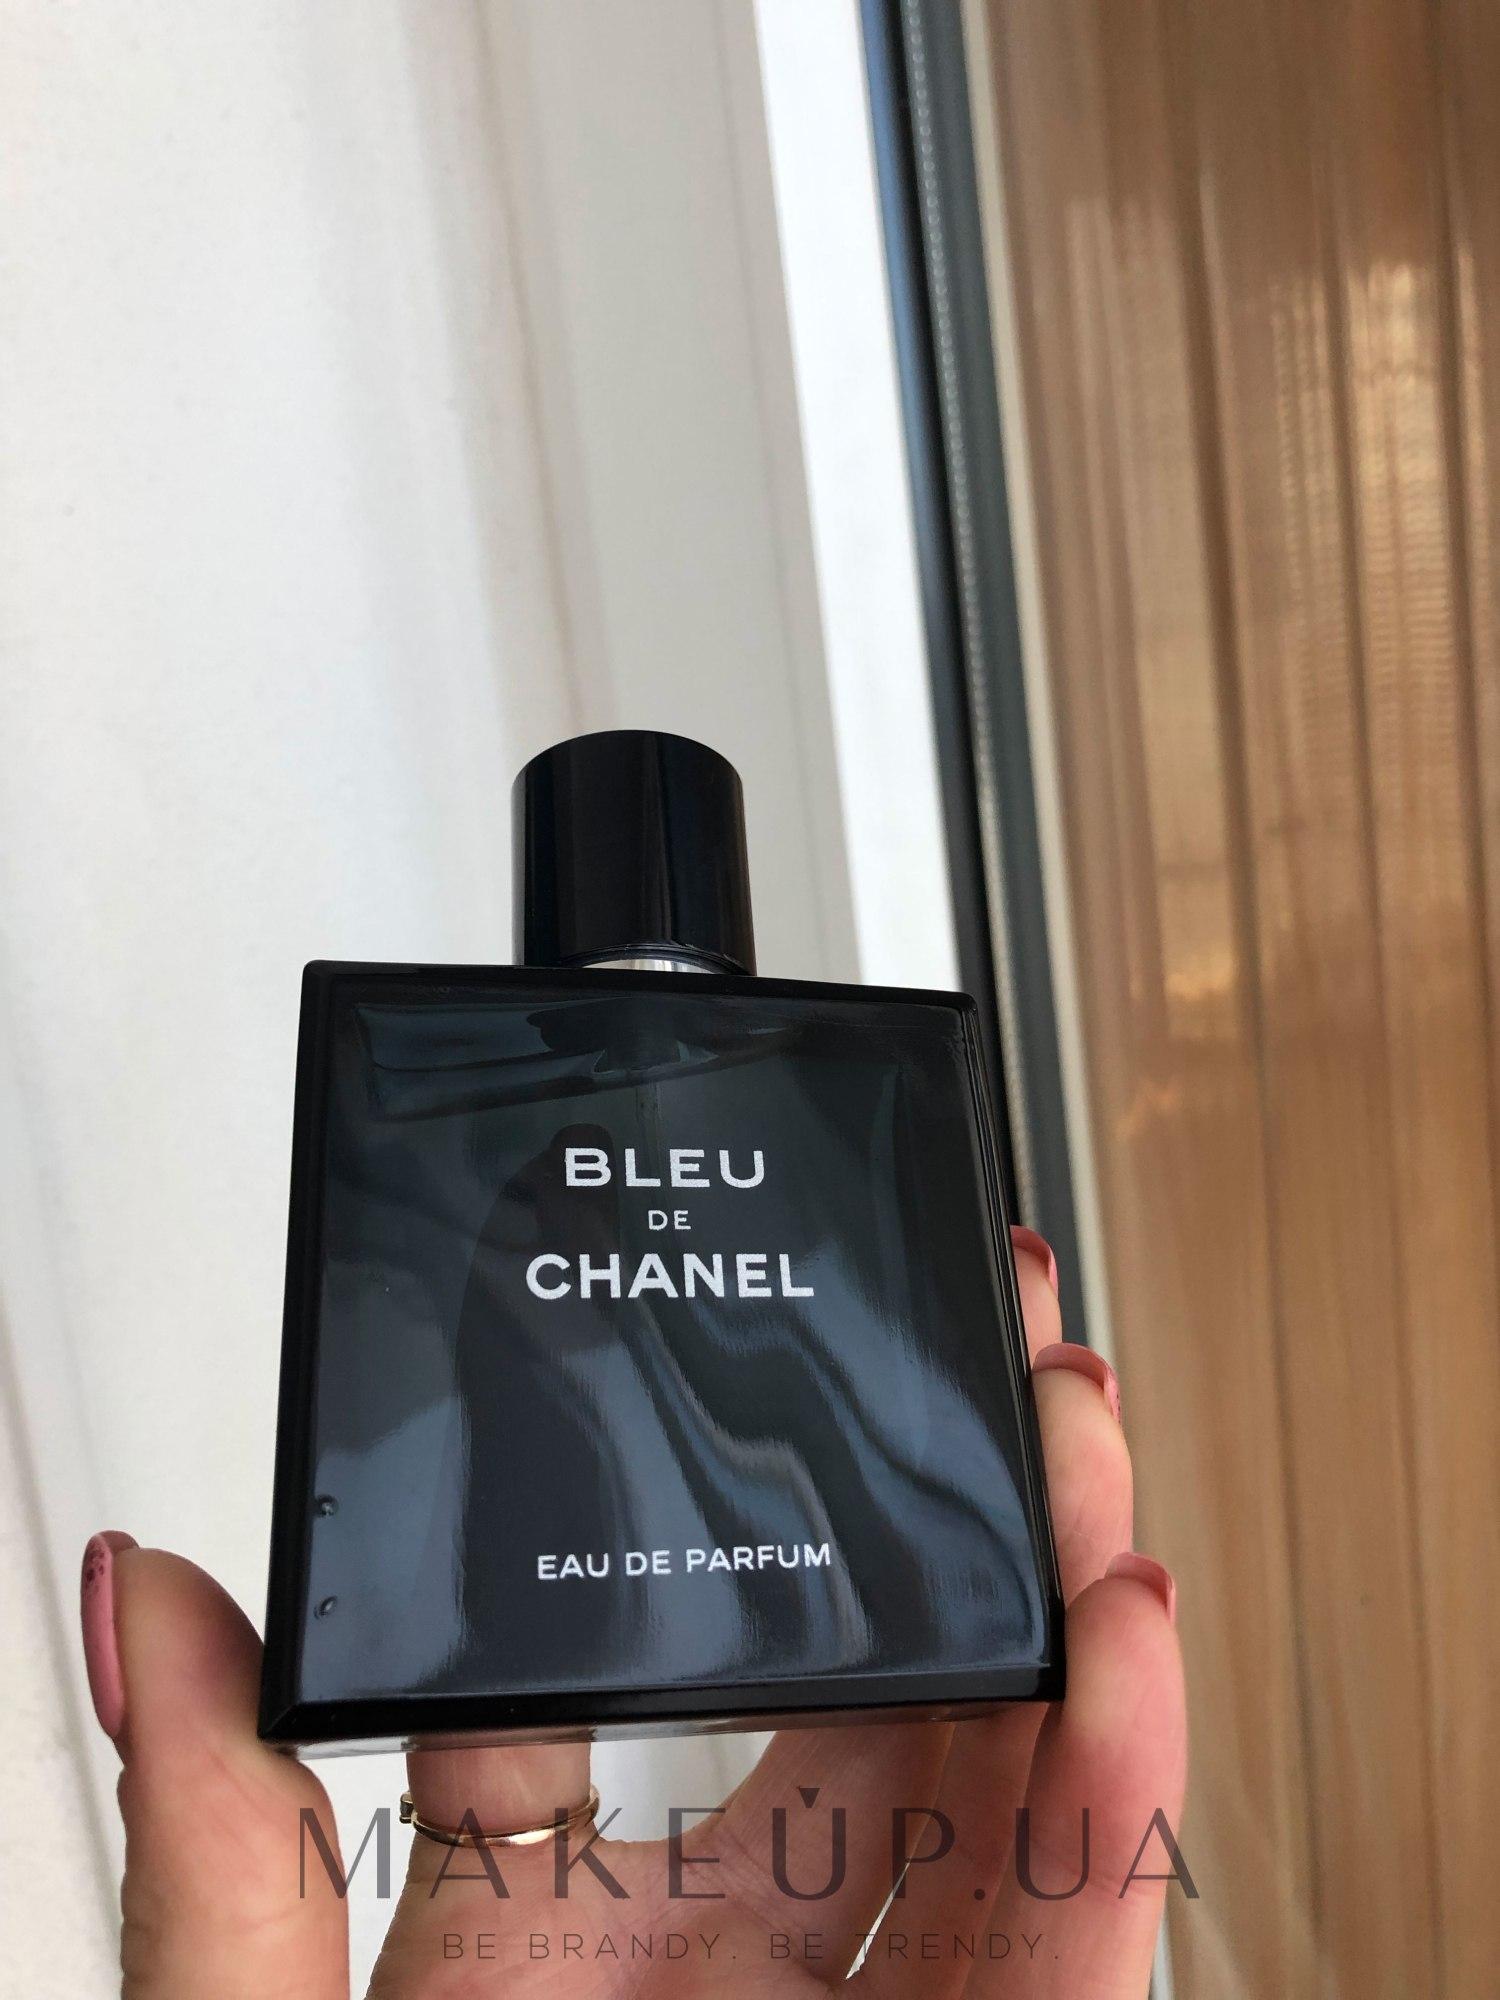 Makeup Chanel Bleu De Chanel Eau De Parfum парфюмированная вода